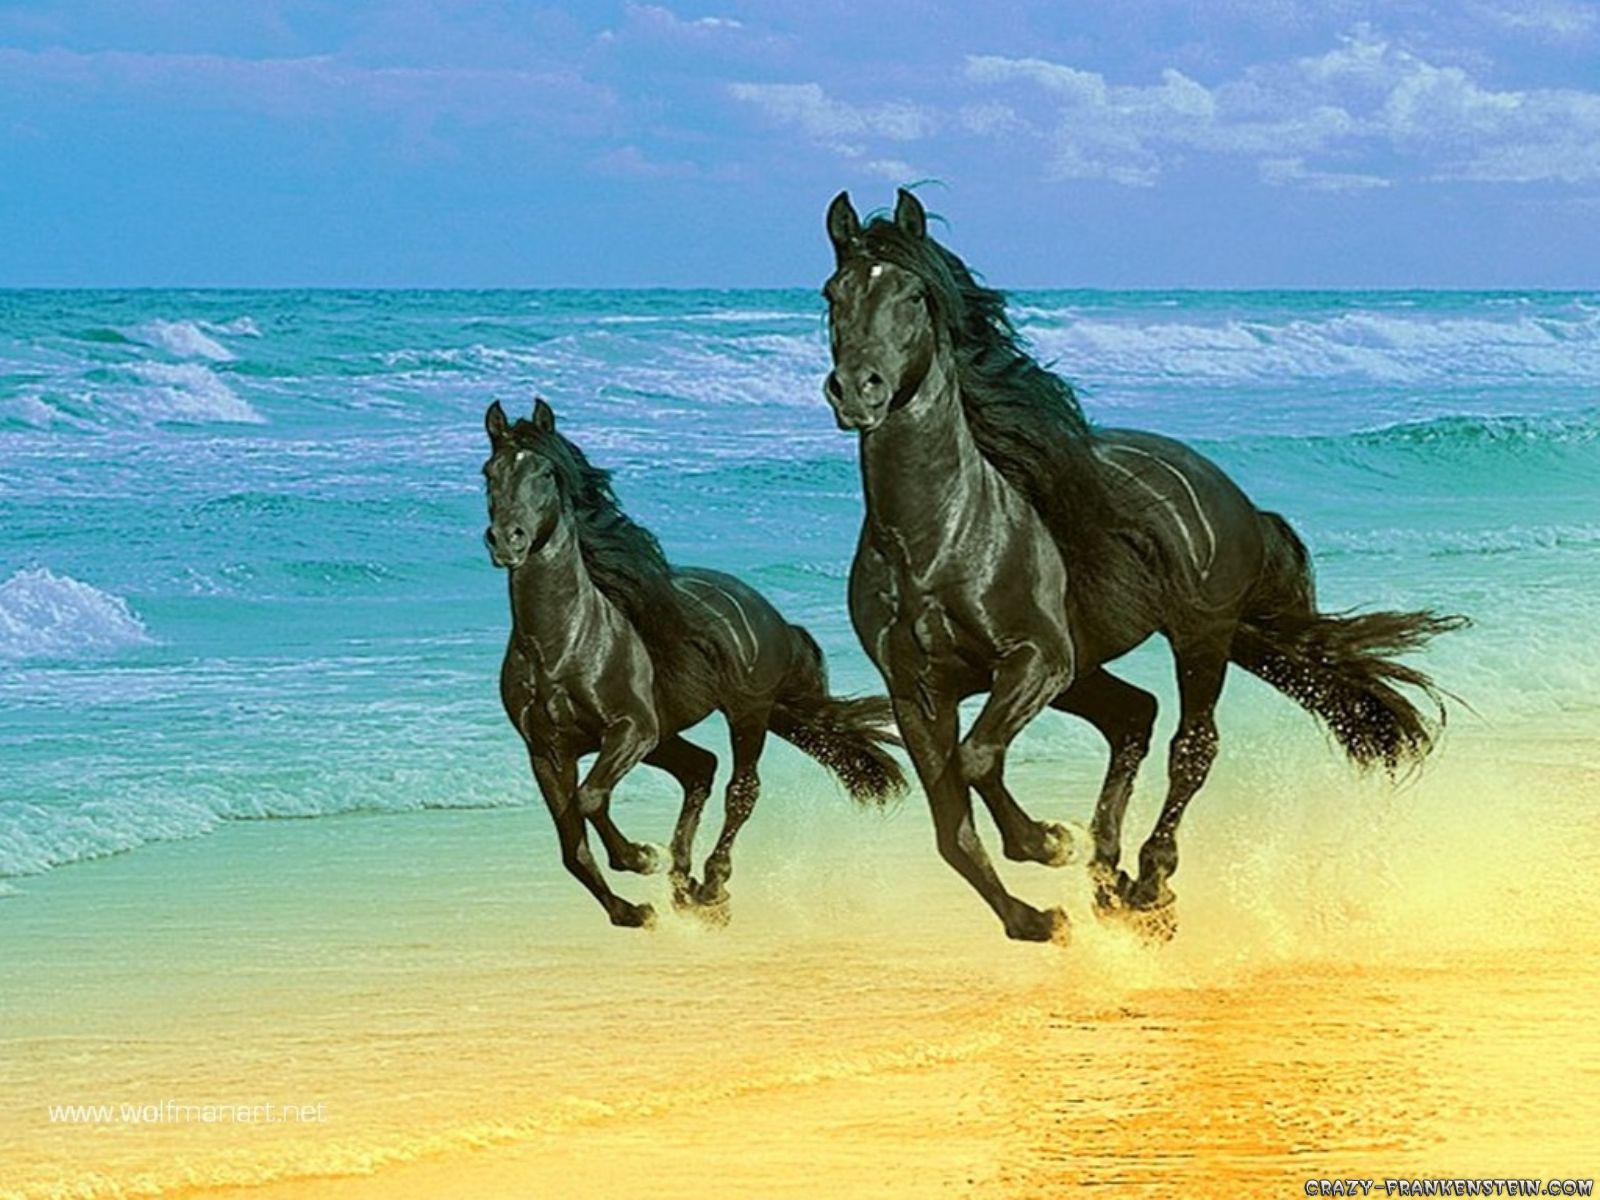 http://3.bp.blogspot.com/-enU9XiBPsQQ/UYIJupTLioI/AAAAAAAACkI/3KYESlFA2rU/s1600/Horse++hd+wallpapers+3.jpg